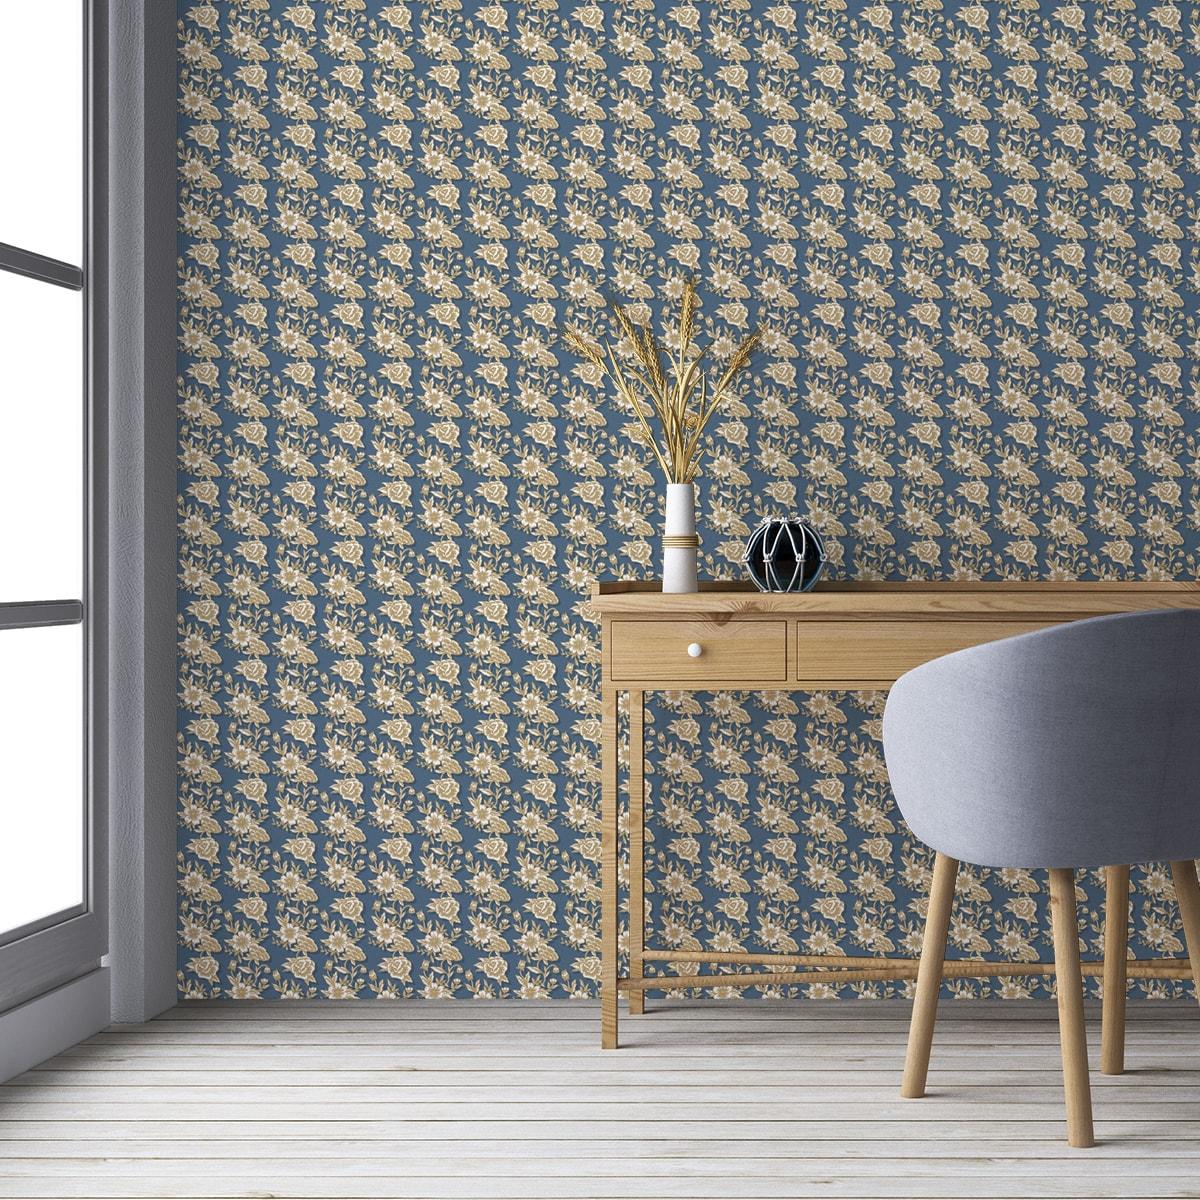 """Tapete für Büroräume mittelblau: Edle Blümchen Tapete """"Les fleurs du chateau"""", blau beige Vlies Blumentapete, Wohnakzent, Wanddeko für Flur, Büro"""